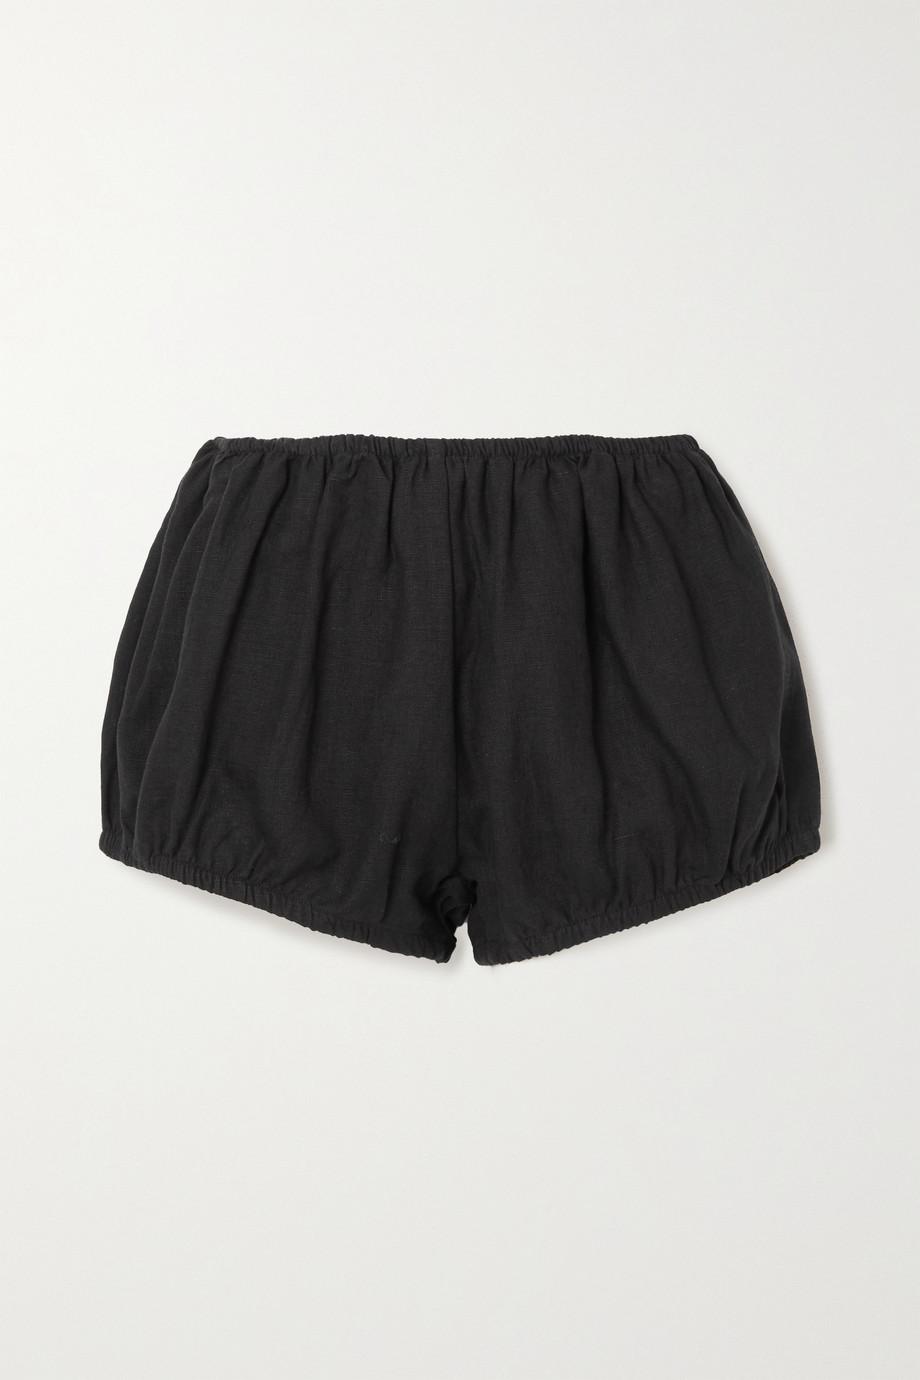 Suzie Kondi 亚麻短裤